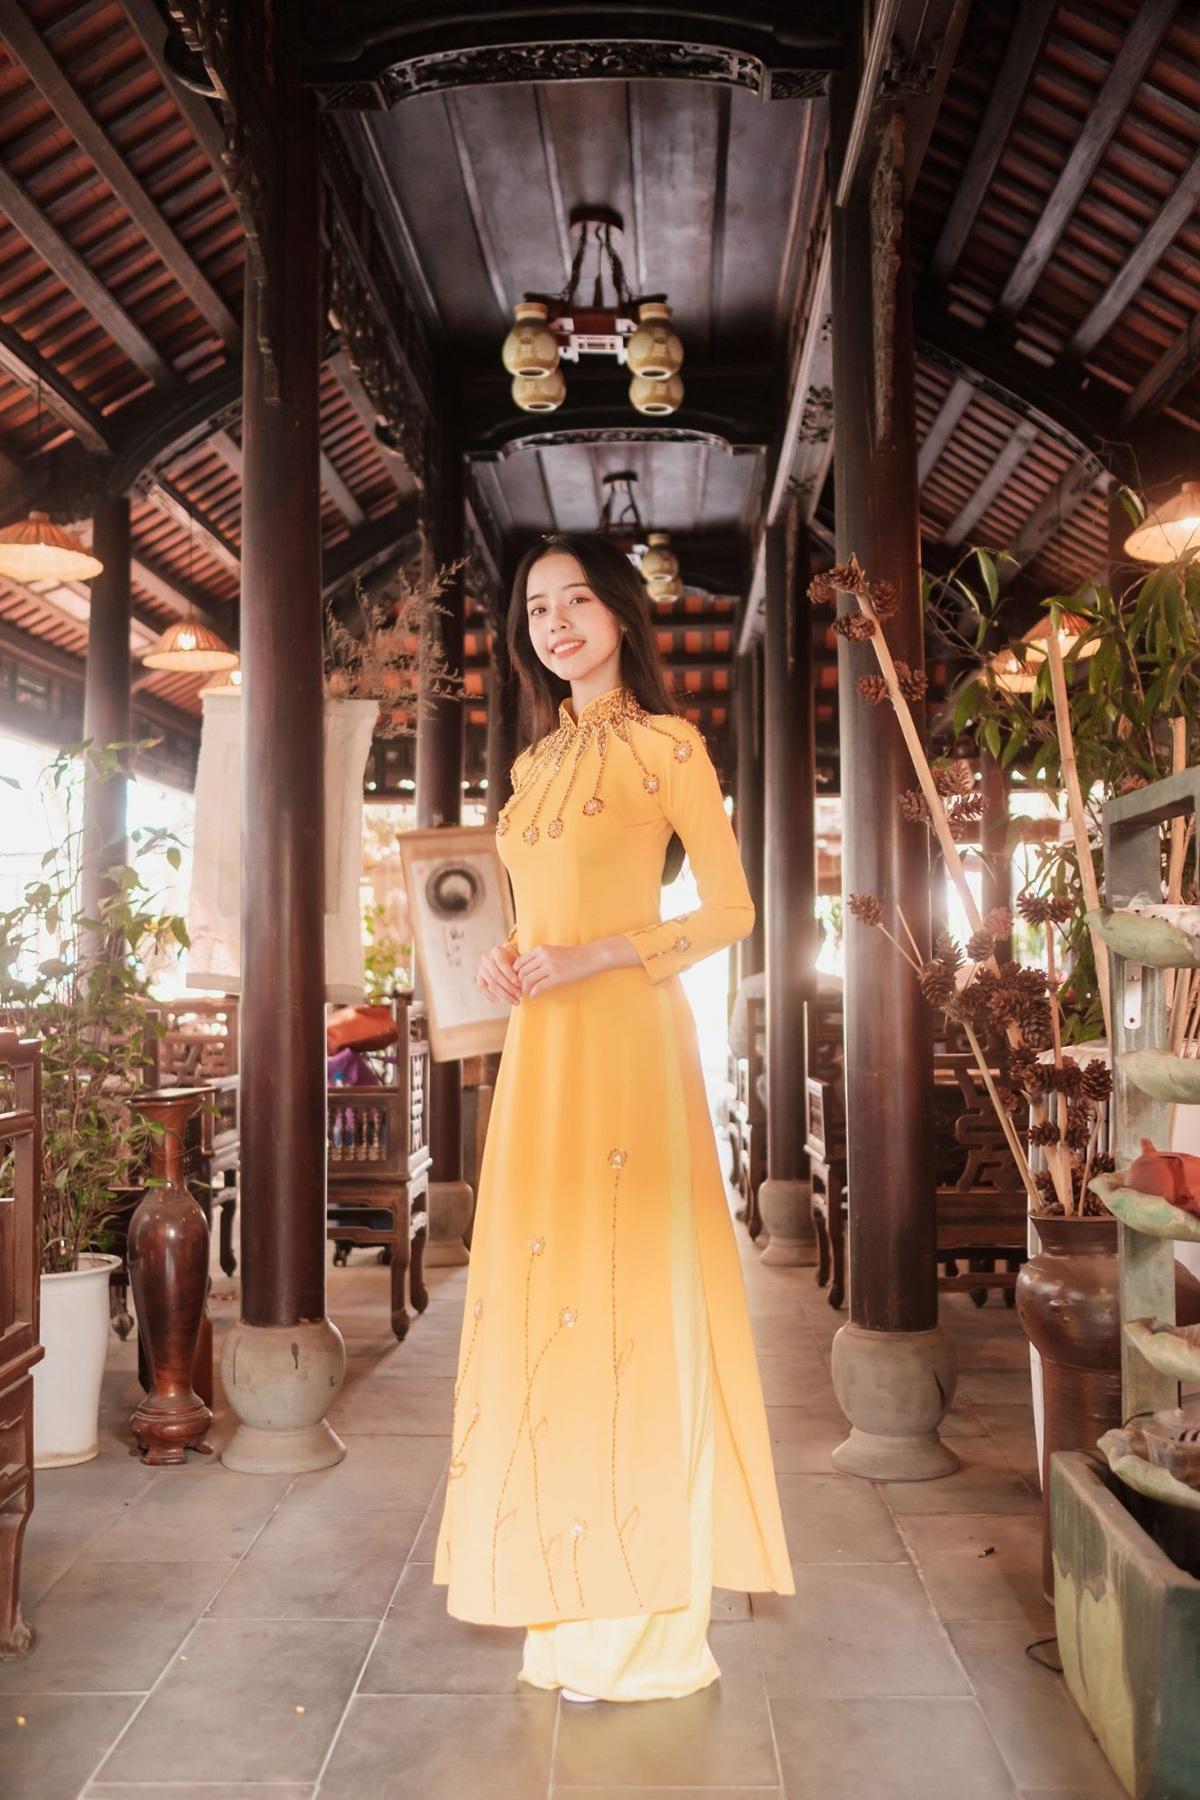 Nữ sinh Đà Nẵng khoe sắc xuân thì trong tà áo dài duyên dáng - 7